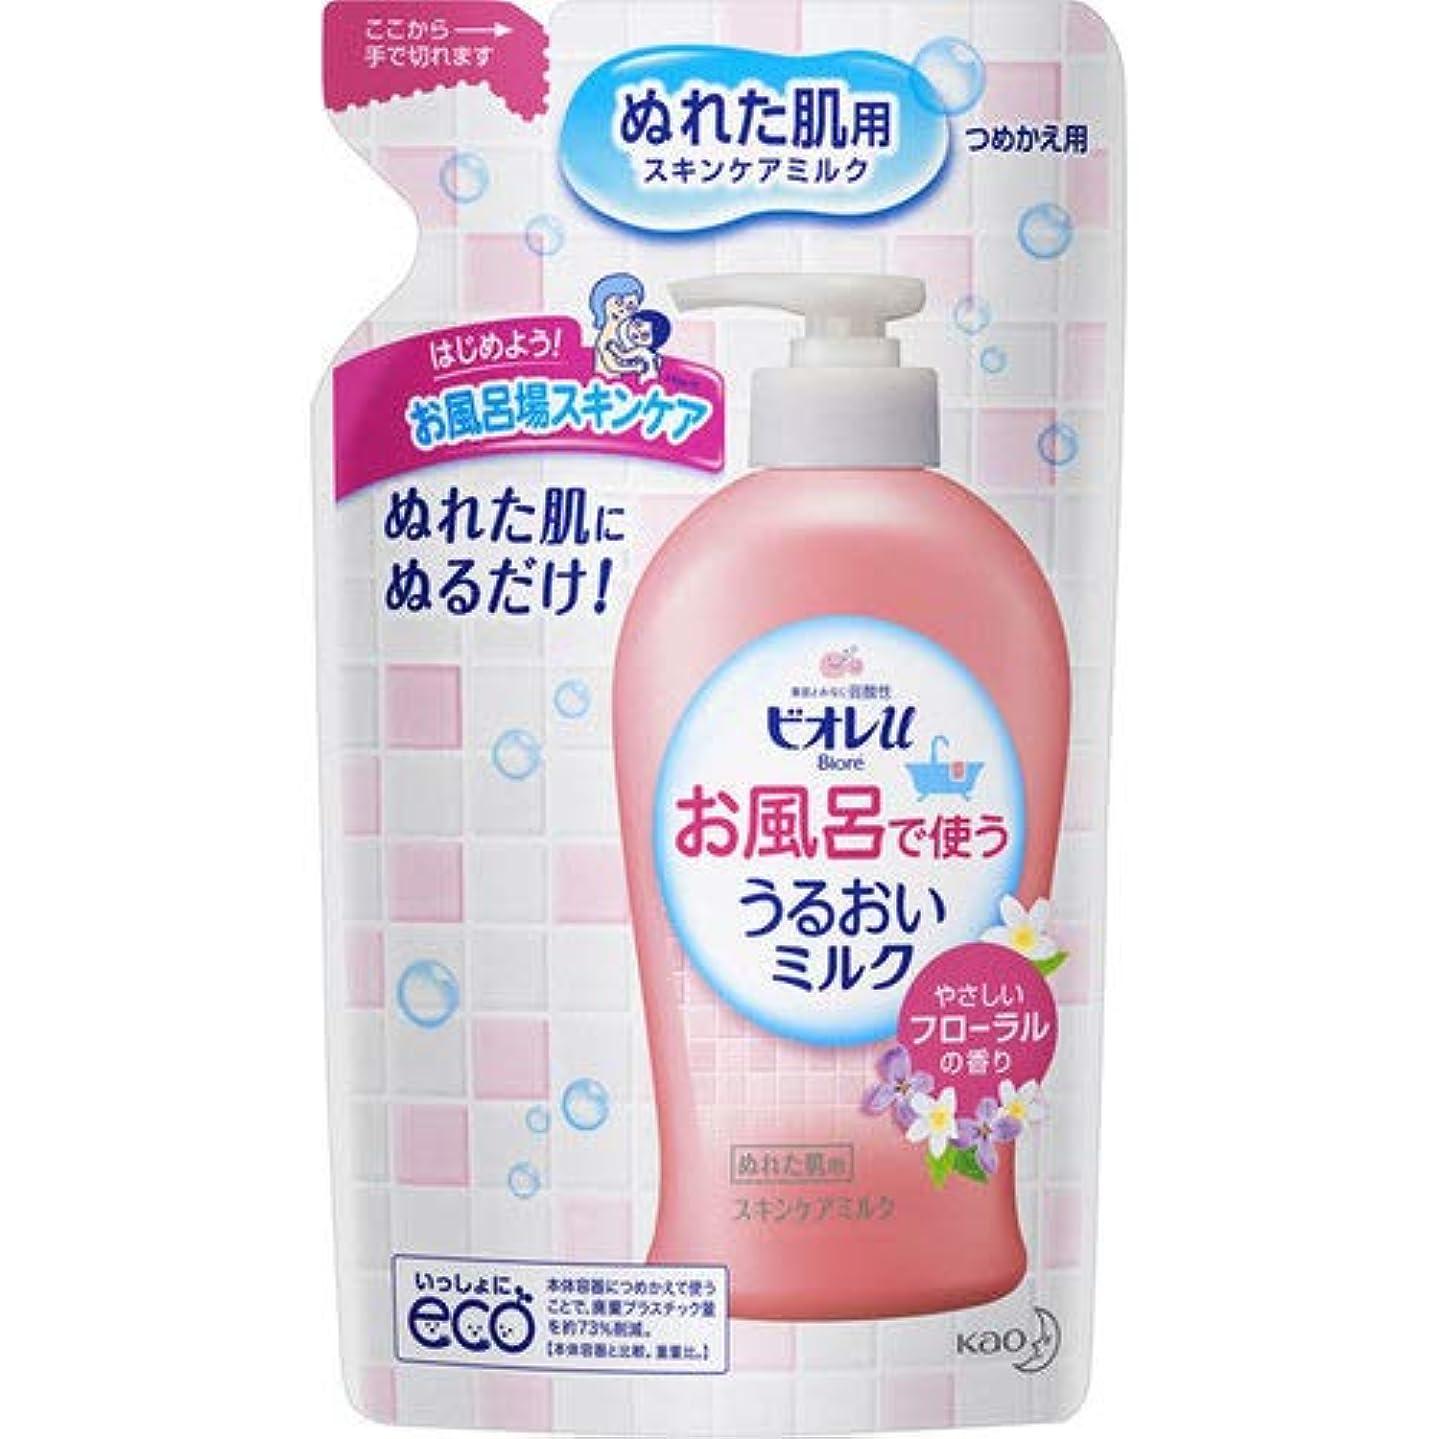 チャールズキージングすきビジョンビオレu お風呂で使ううるおいミルク フローラル つめかえ用 250mL